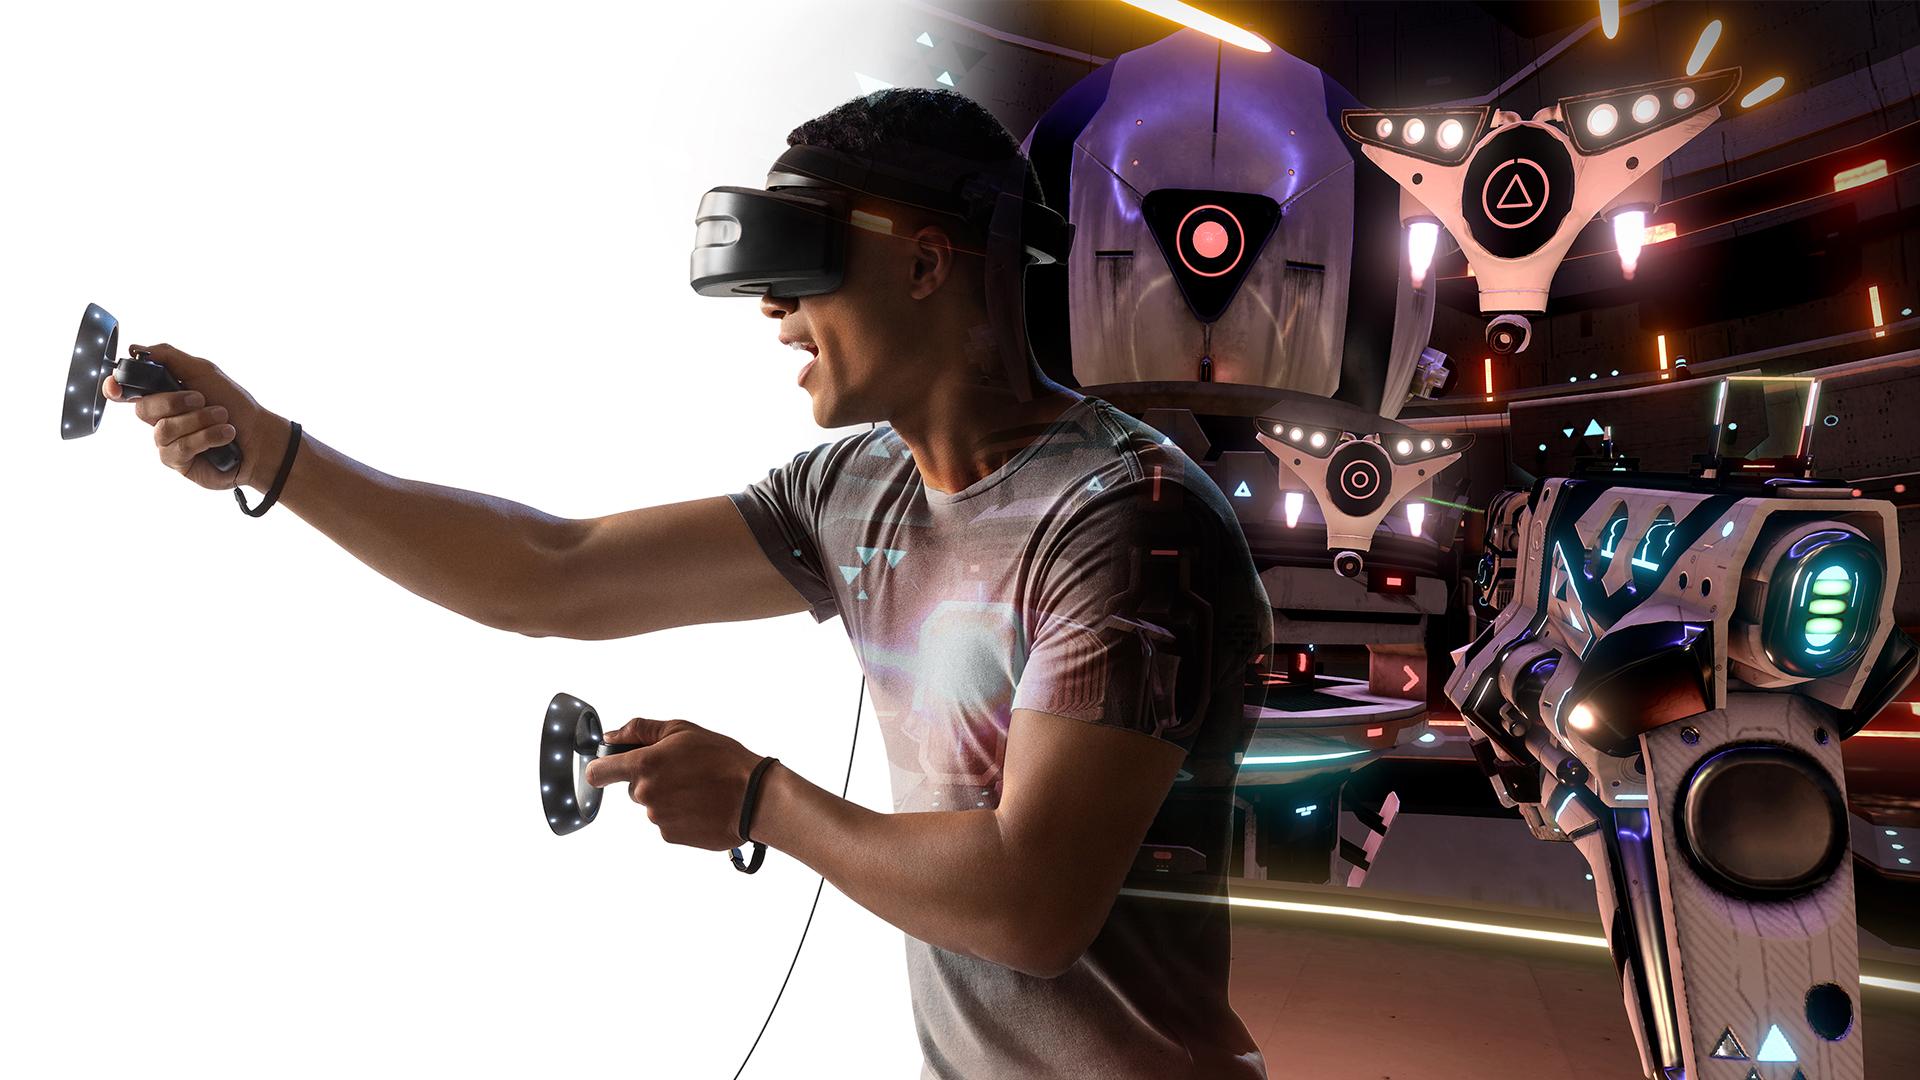 Un homme qui utilise du matériel Windows Mixed Reality pour jouer au jeu Space Pirate Trainer